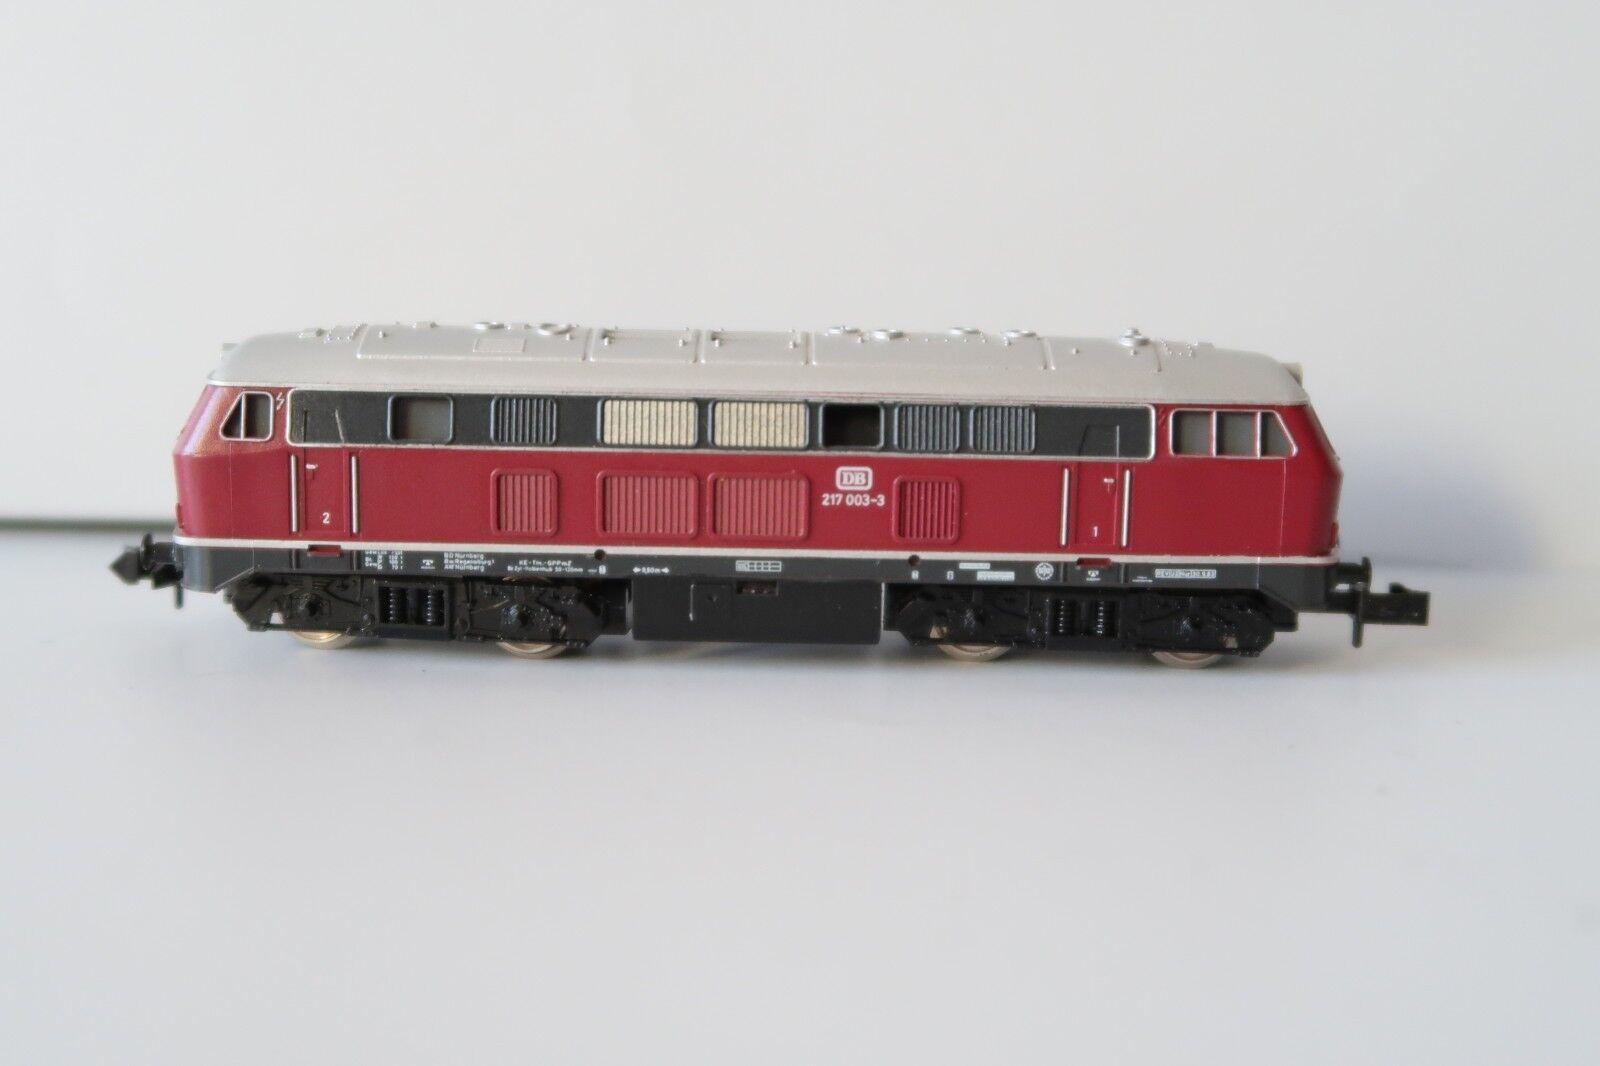 Minitrix N 2952 Locomotiva Diesel BR 217 003-3 DB altrot  dr/79-39s4/2